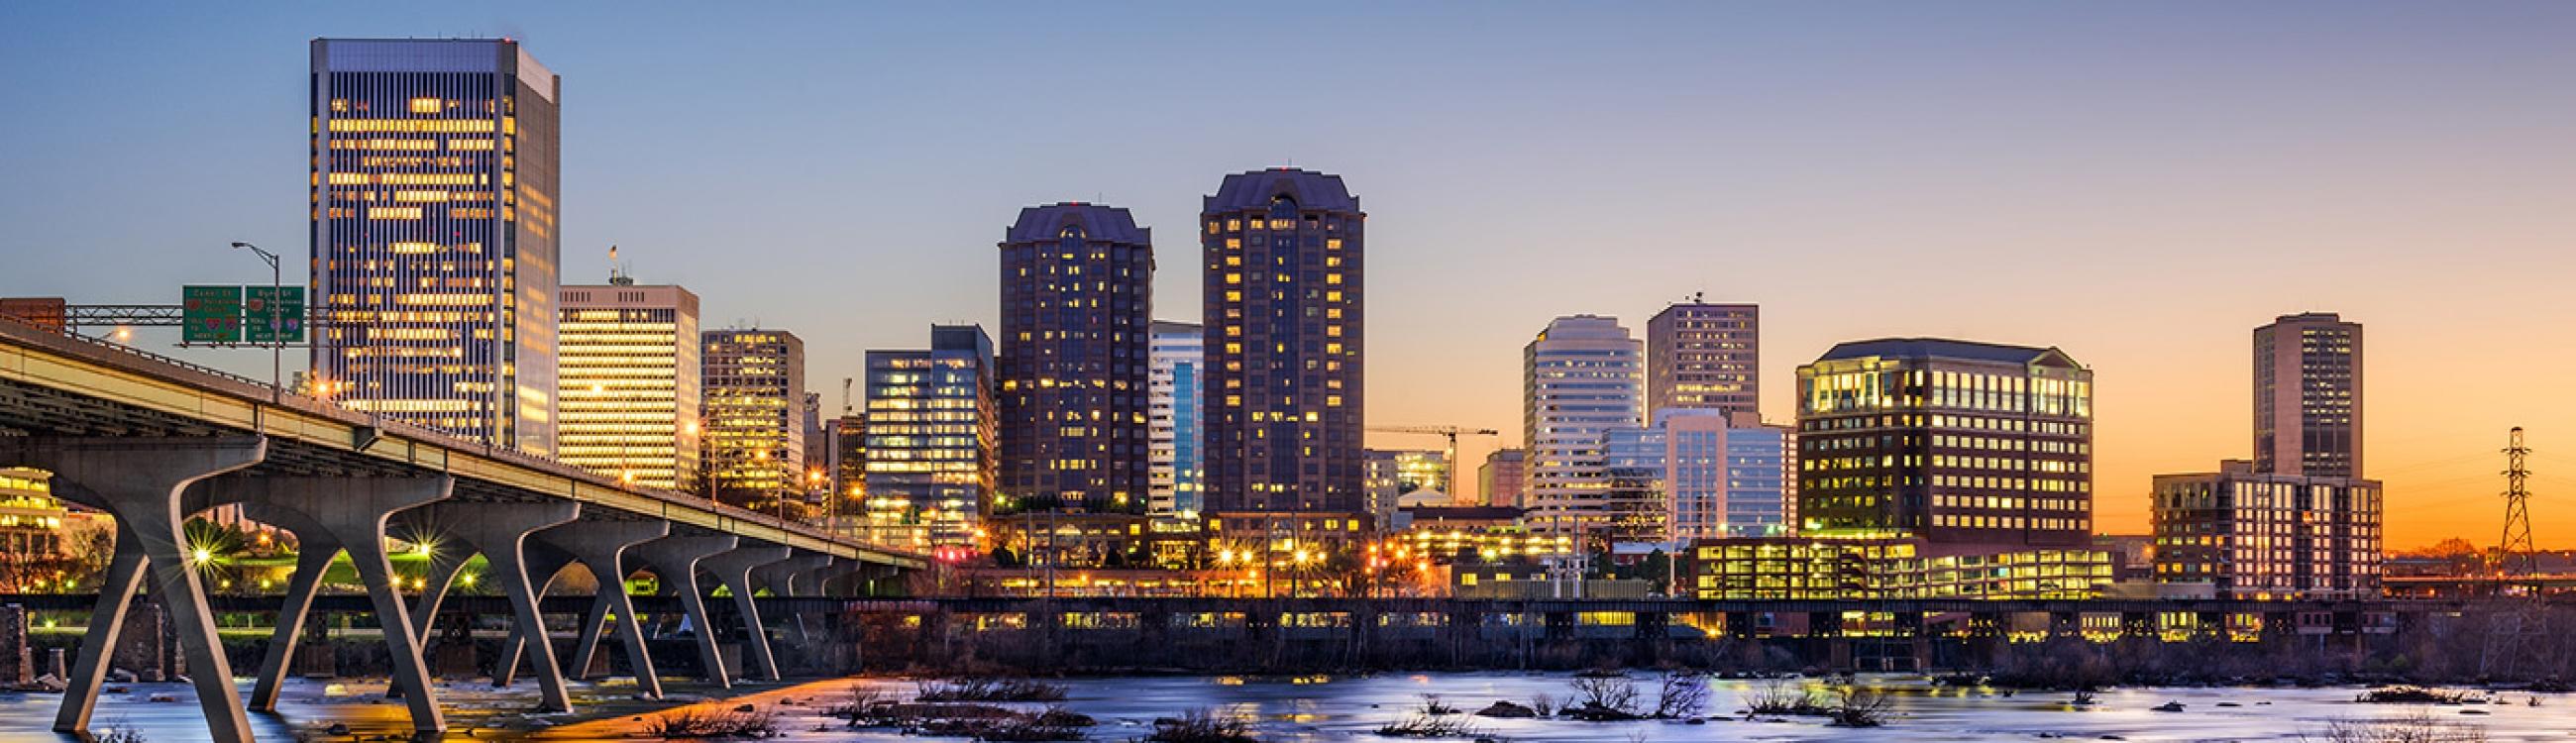 richmond-sign-company city view